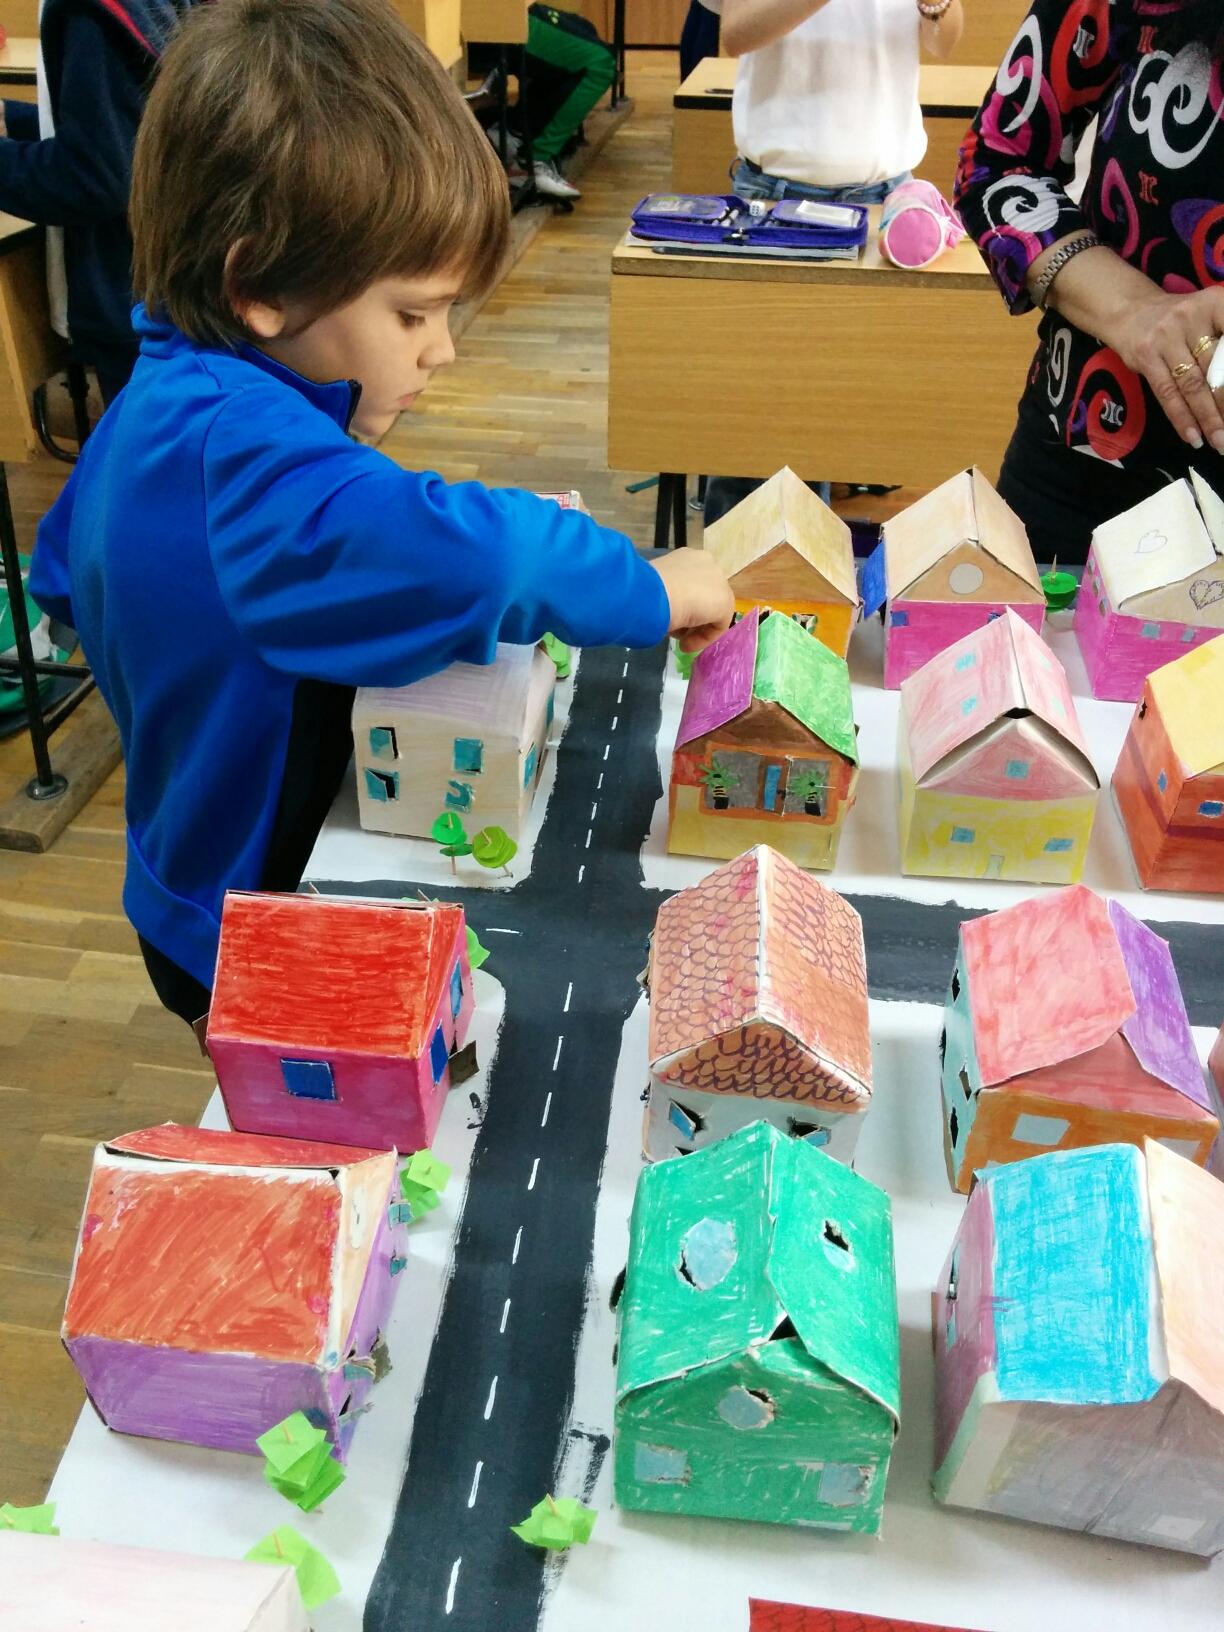 Cinci ani de cursuri De-a arhitectura cinci ani de educatie de arhitectura si mediu construit -